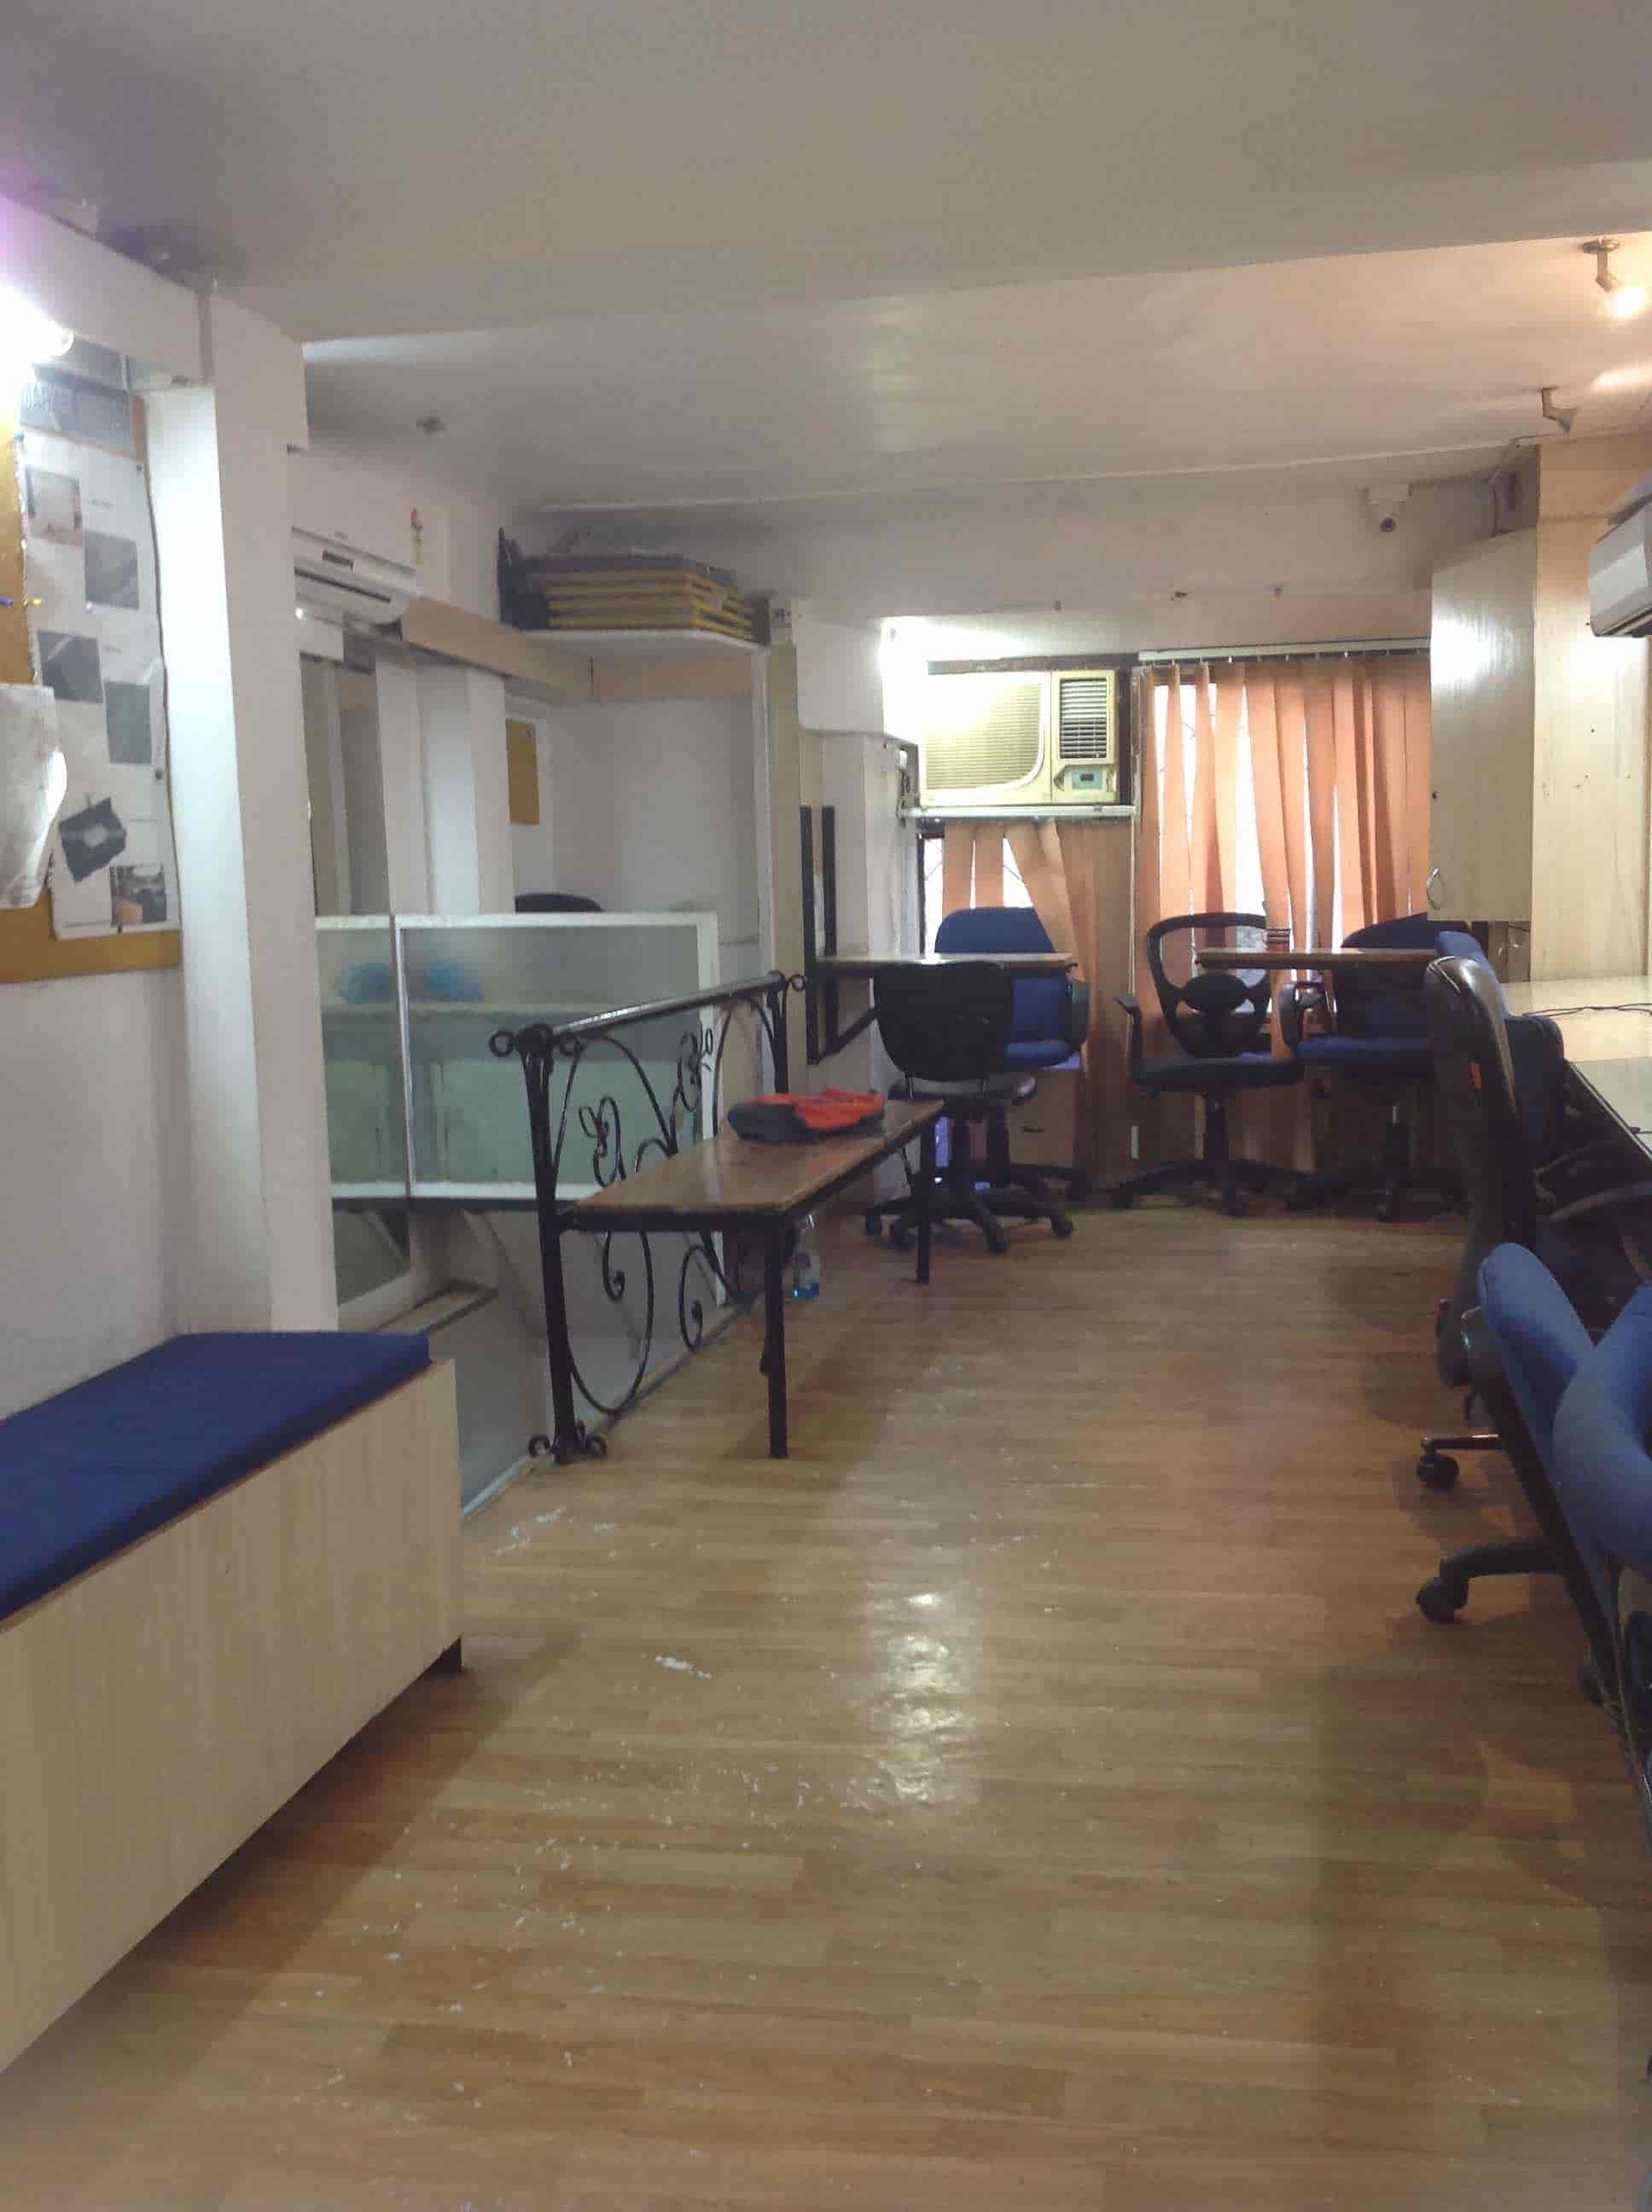 Icad Computer And Interior Design Institute Juhu Computer Training Institutes In Mumbai Justdial